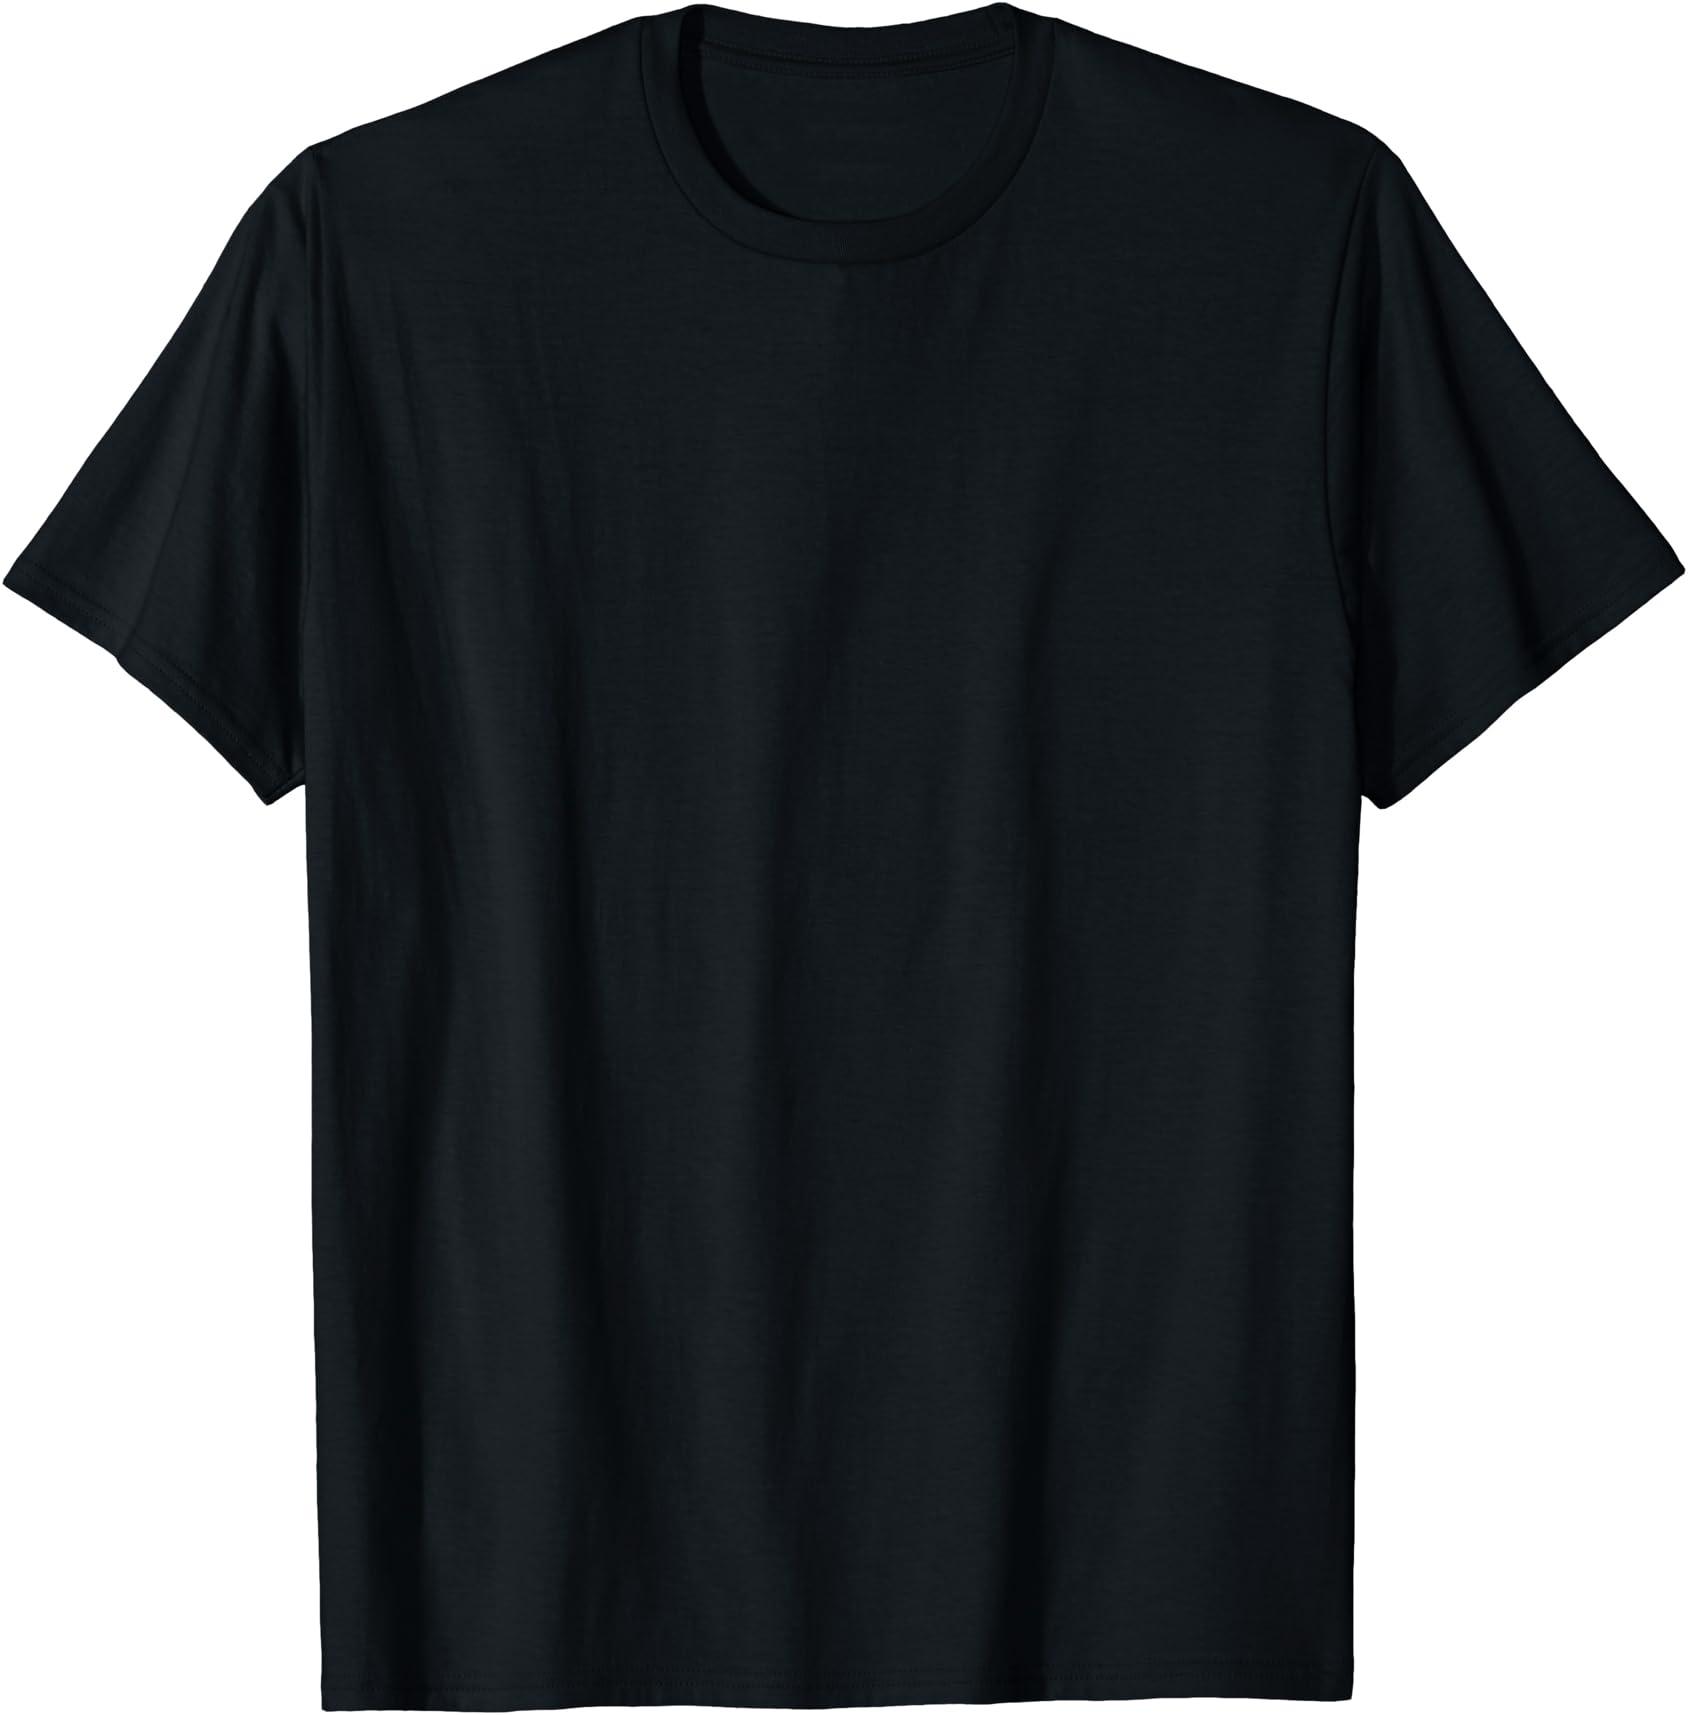 Missouri U.S Cities Series T-shirts 100/% Cottom Quality Tee Kansas City